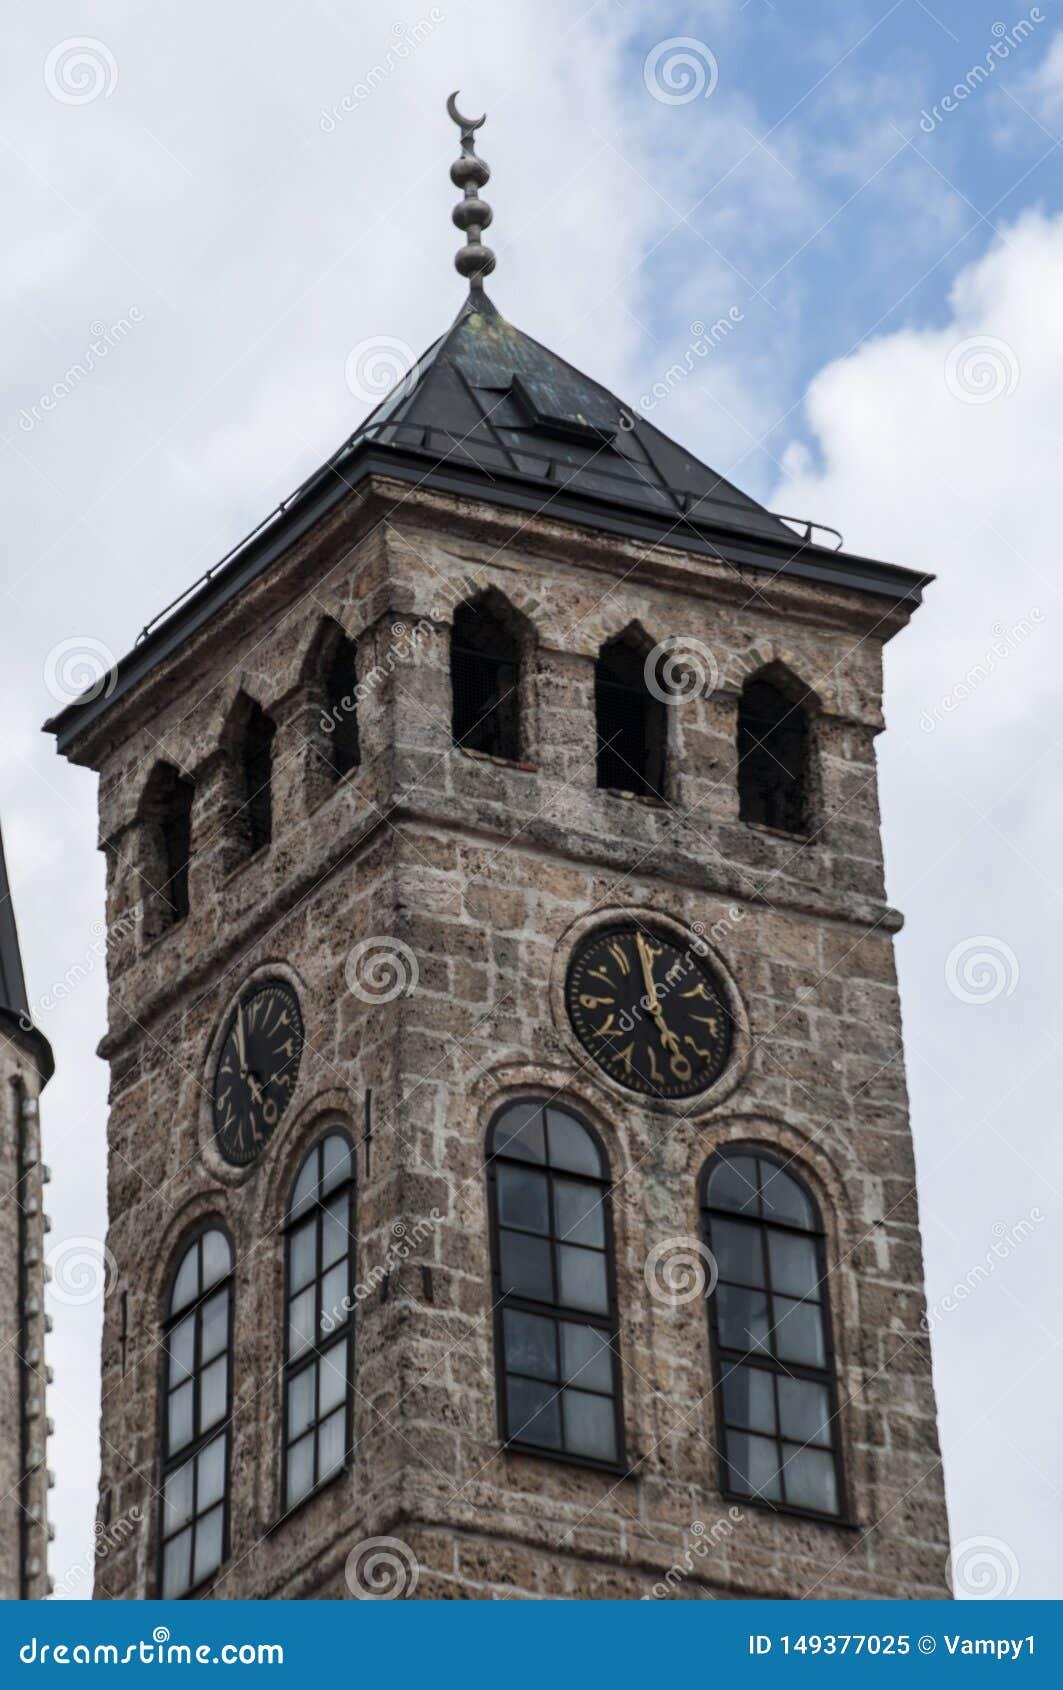 Sarajevo, Bośnia i Herzegovina, Bascarsija, Zegarowy wierza, Sarajevska Sahat Kula, linia horyzontu, widok z lotu ptaka, zegar, w